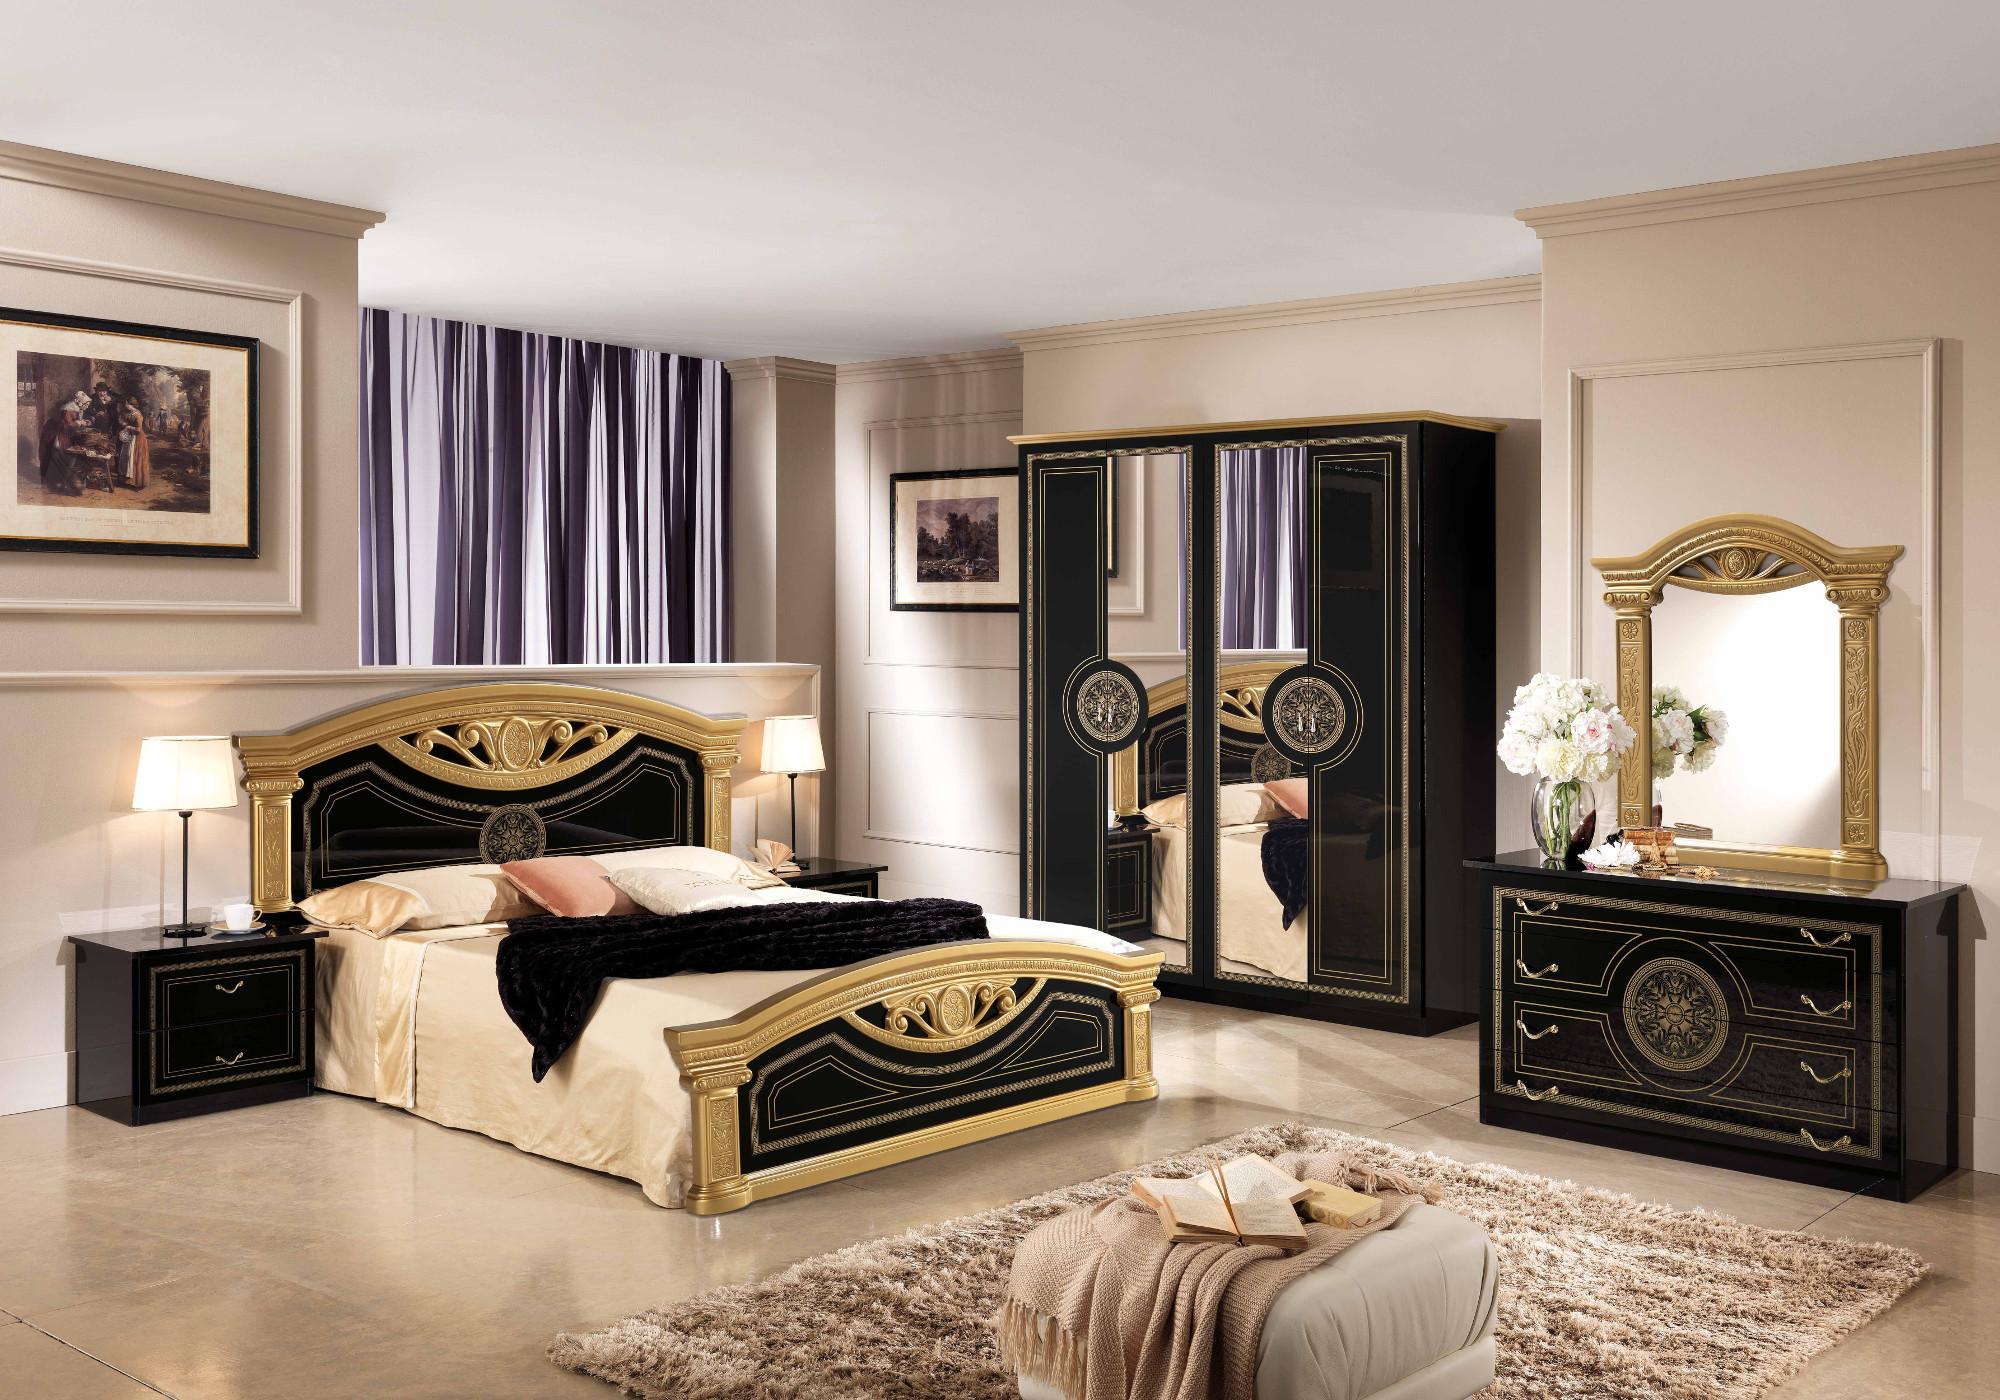 Chambre versace noir doré ROMA